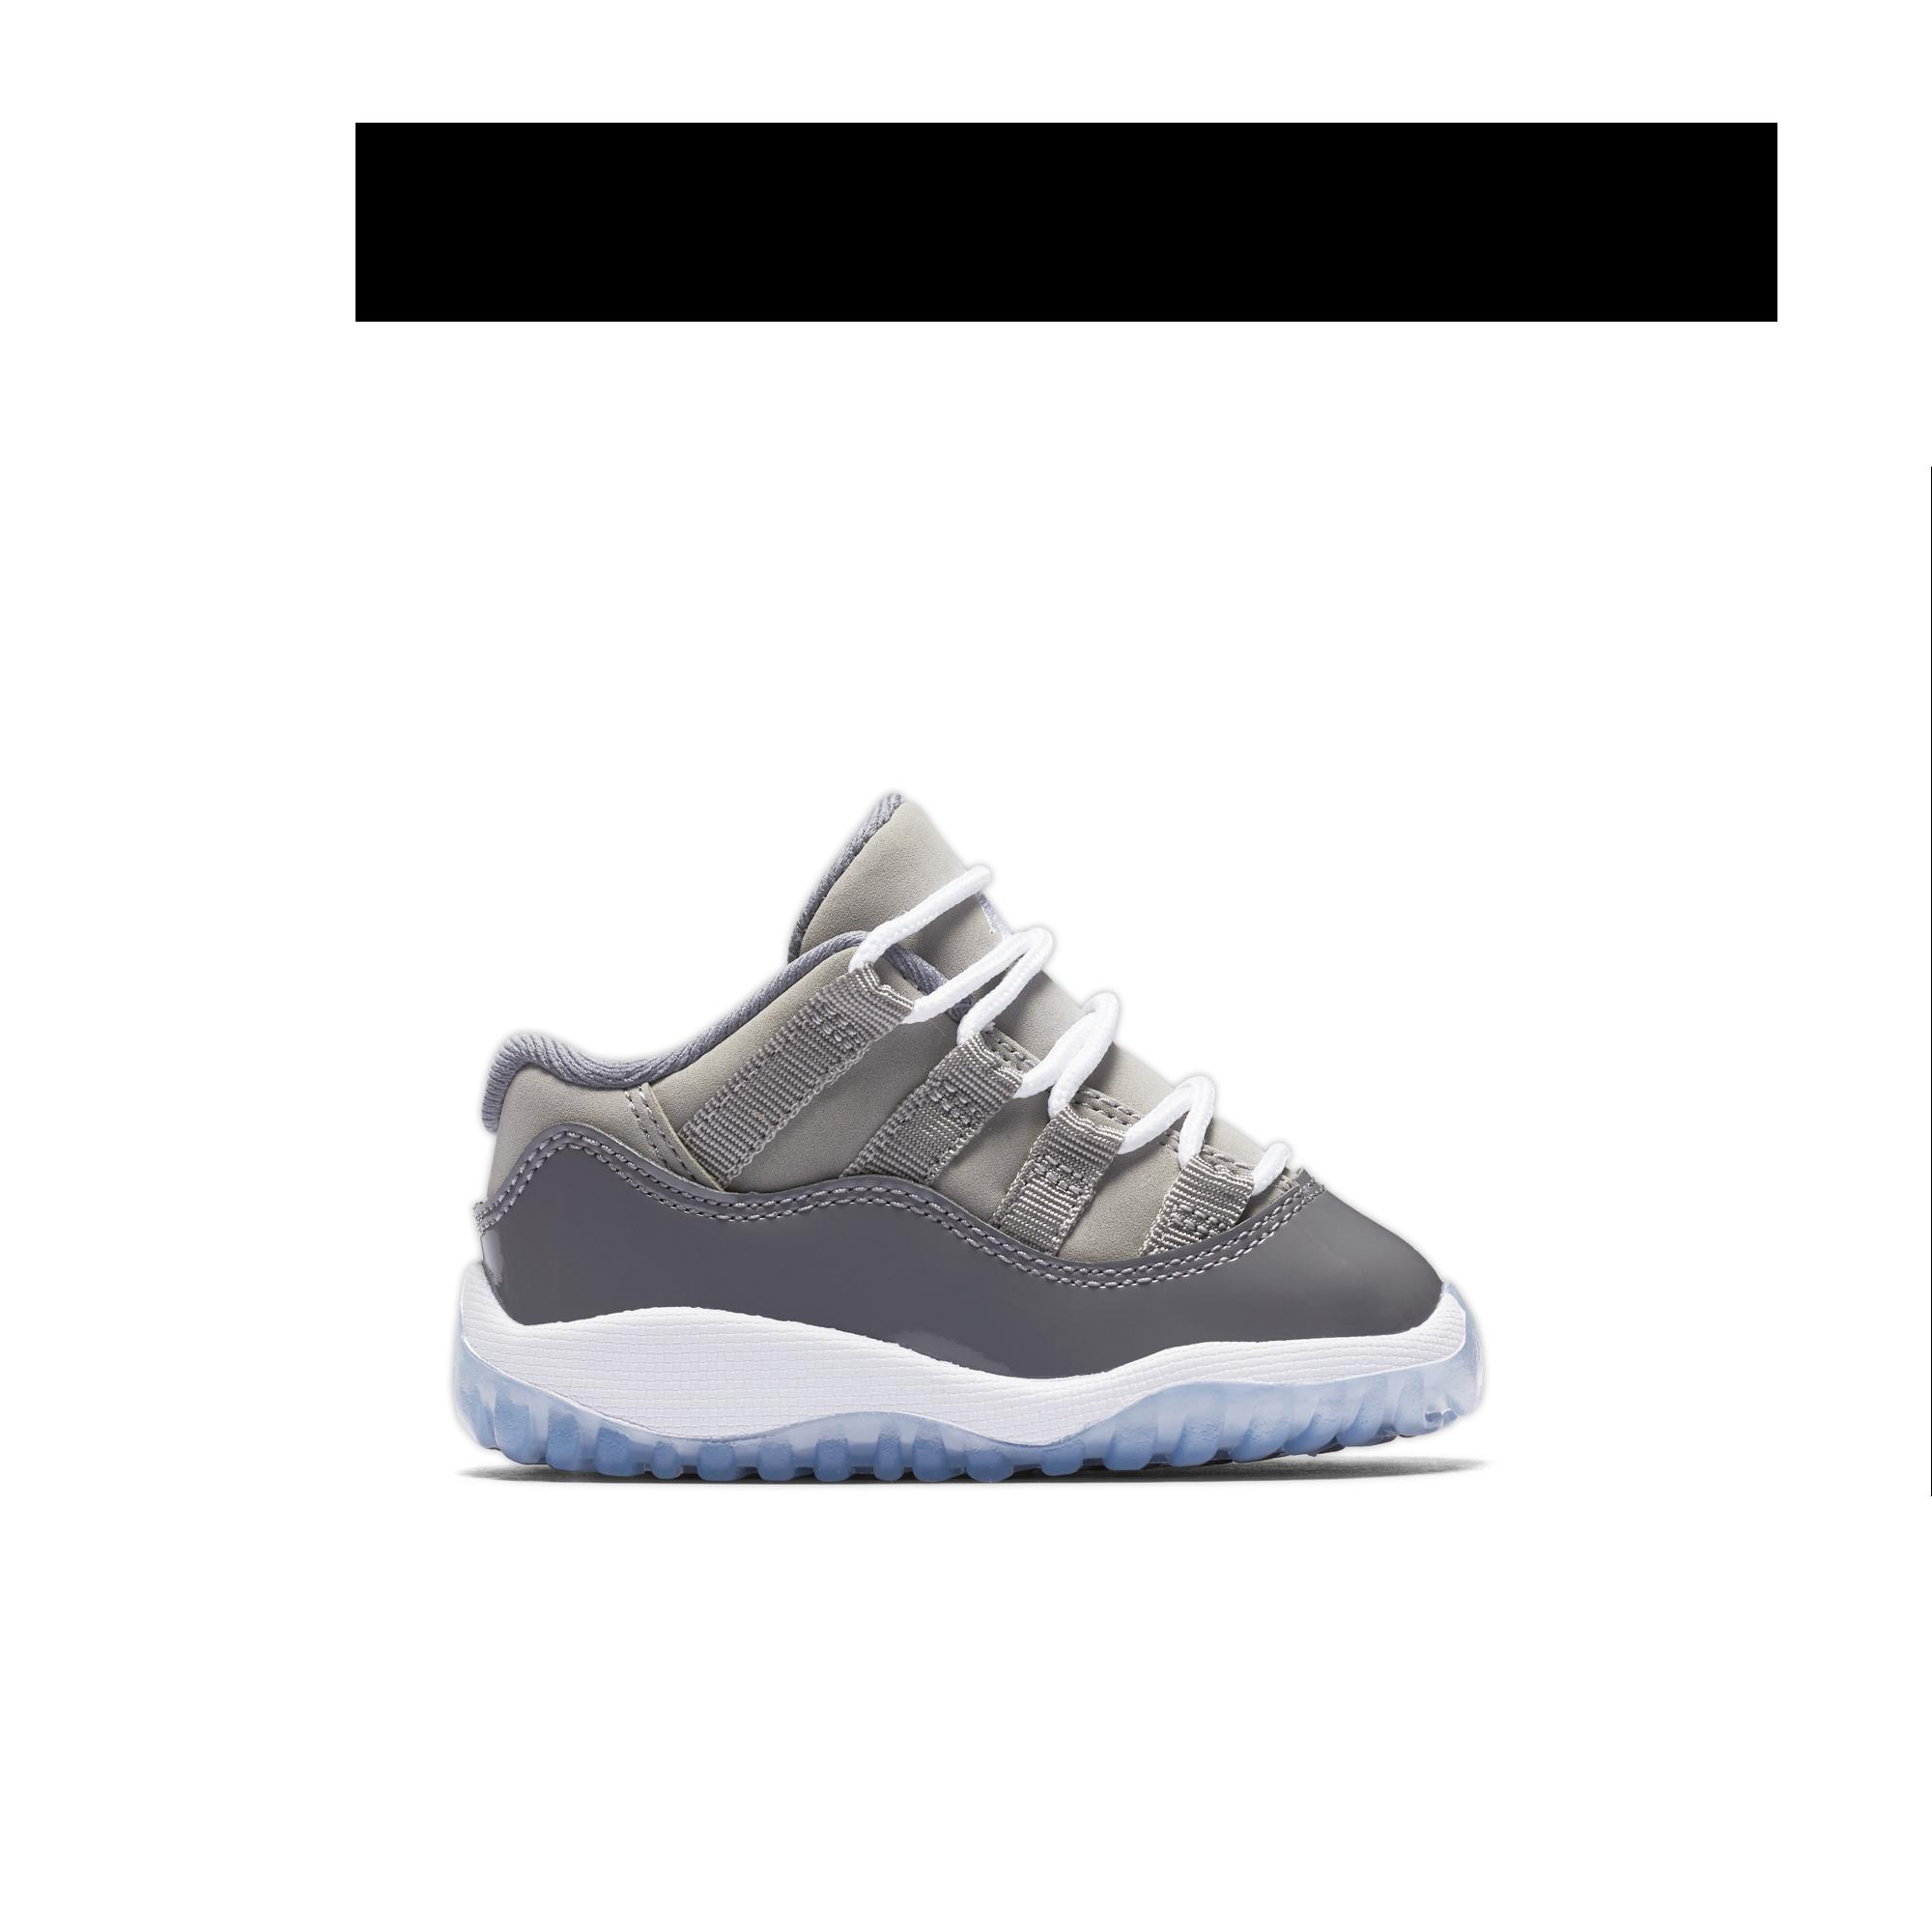 Air Jordan 11 Chaussures Basses Tout-petits Gris Froid escompte bonne vente  akQQ0oK